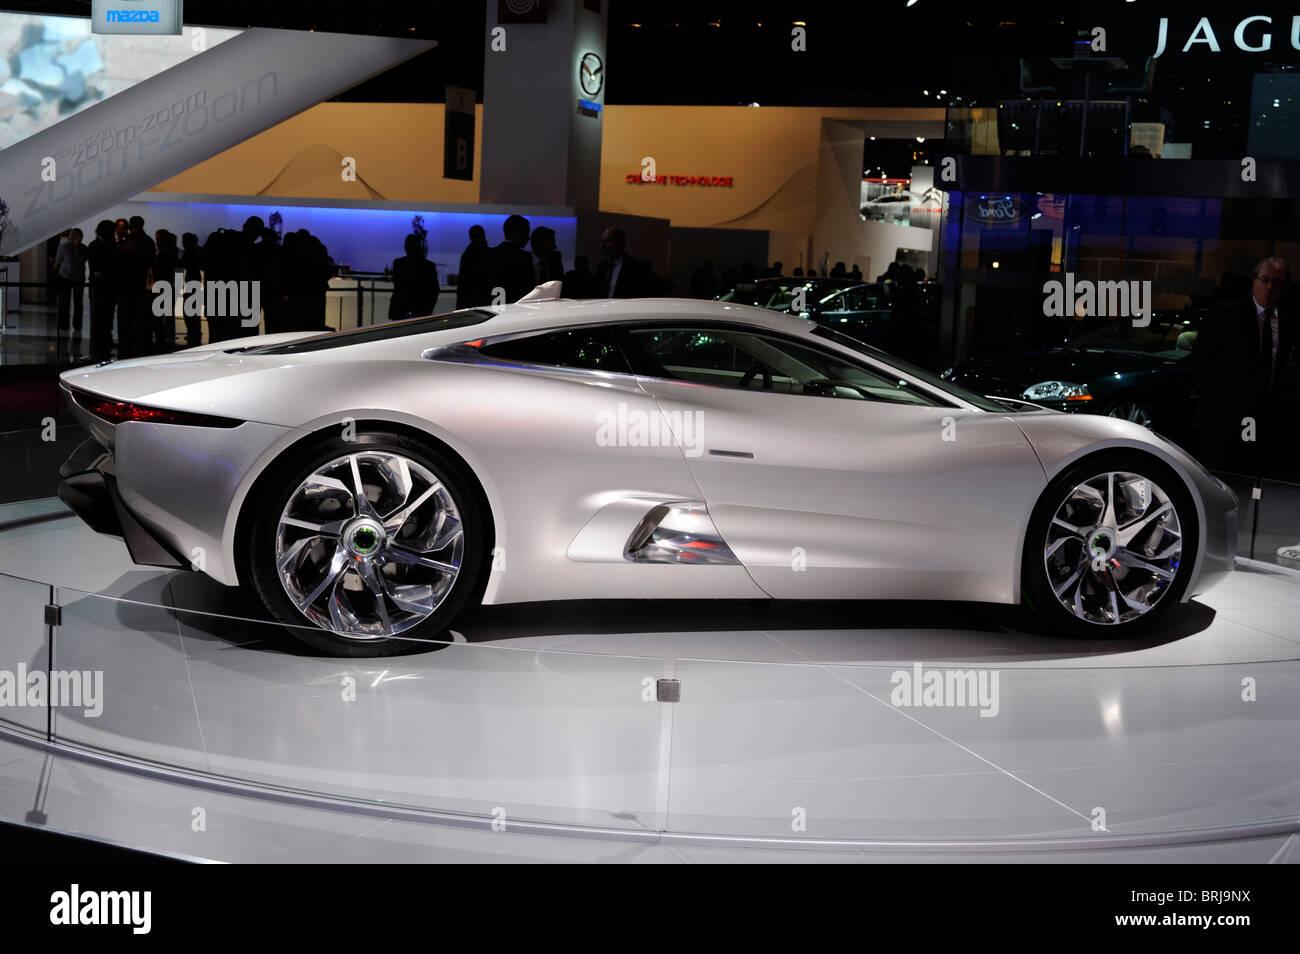 Jaguar cx 75paris motor show france stock photo royalty free jaguar cx 75paris motor show france publicscrutiny Images